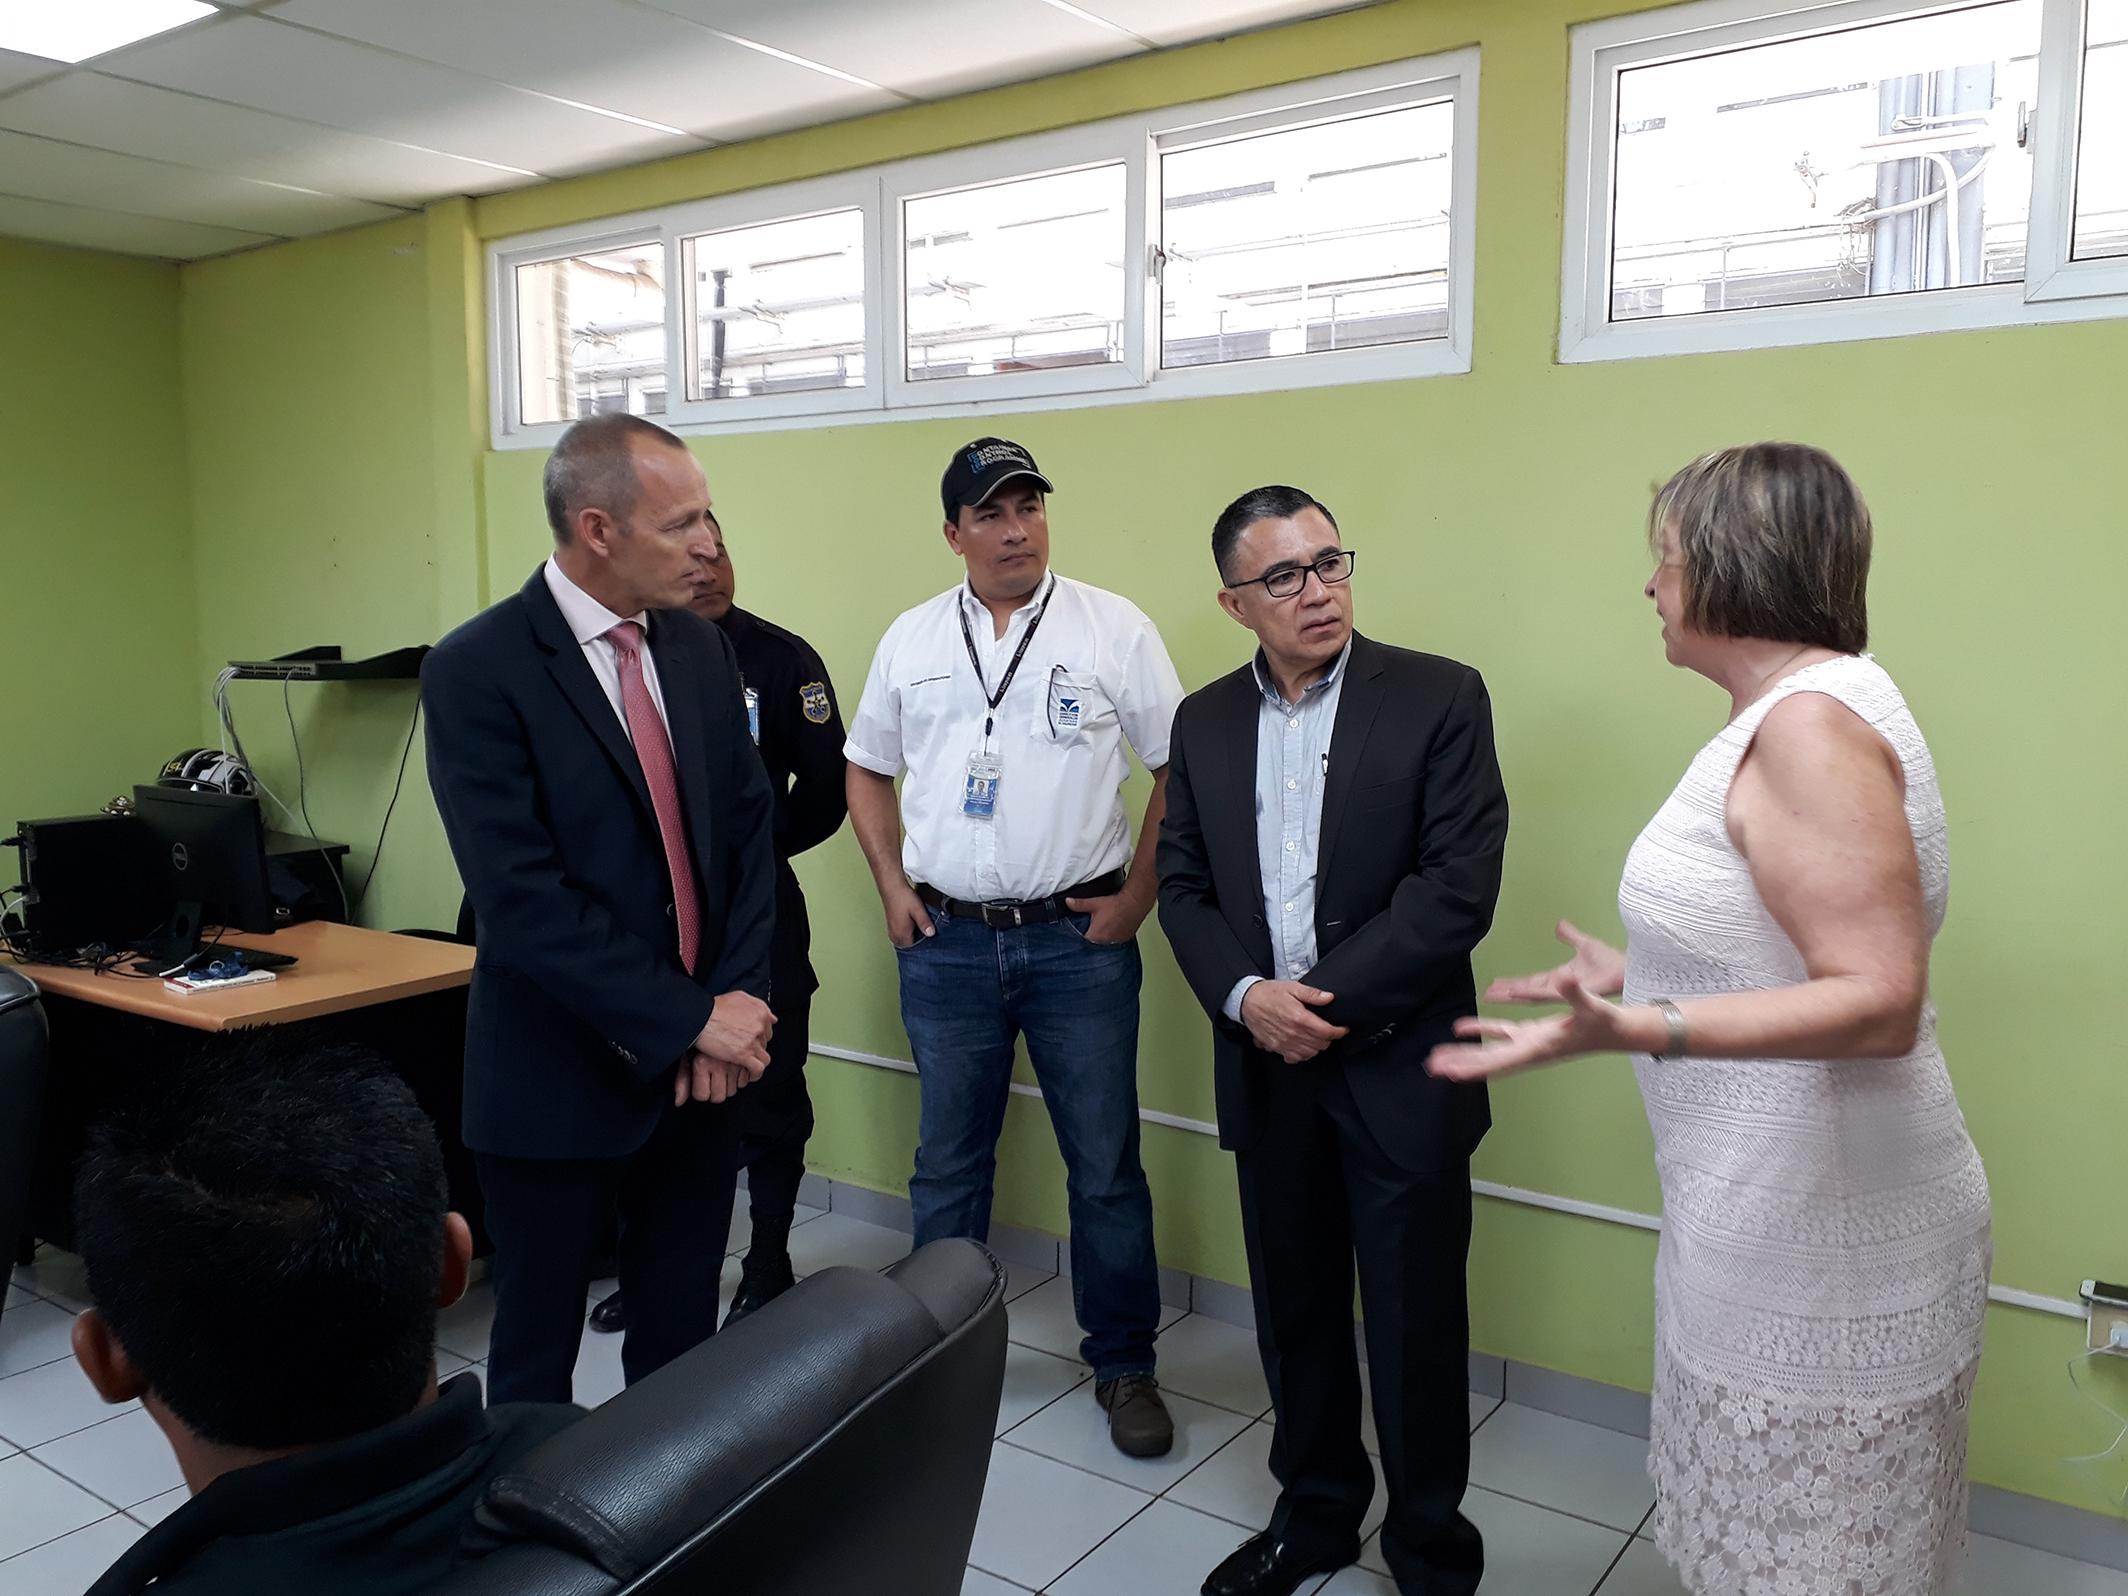 Visita y reunión de CNA con representantes de la UCC, Acajutla.